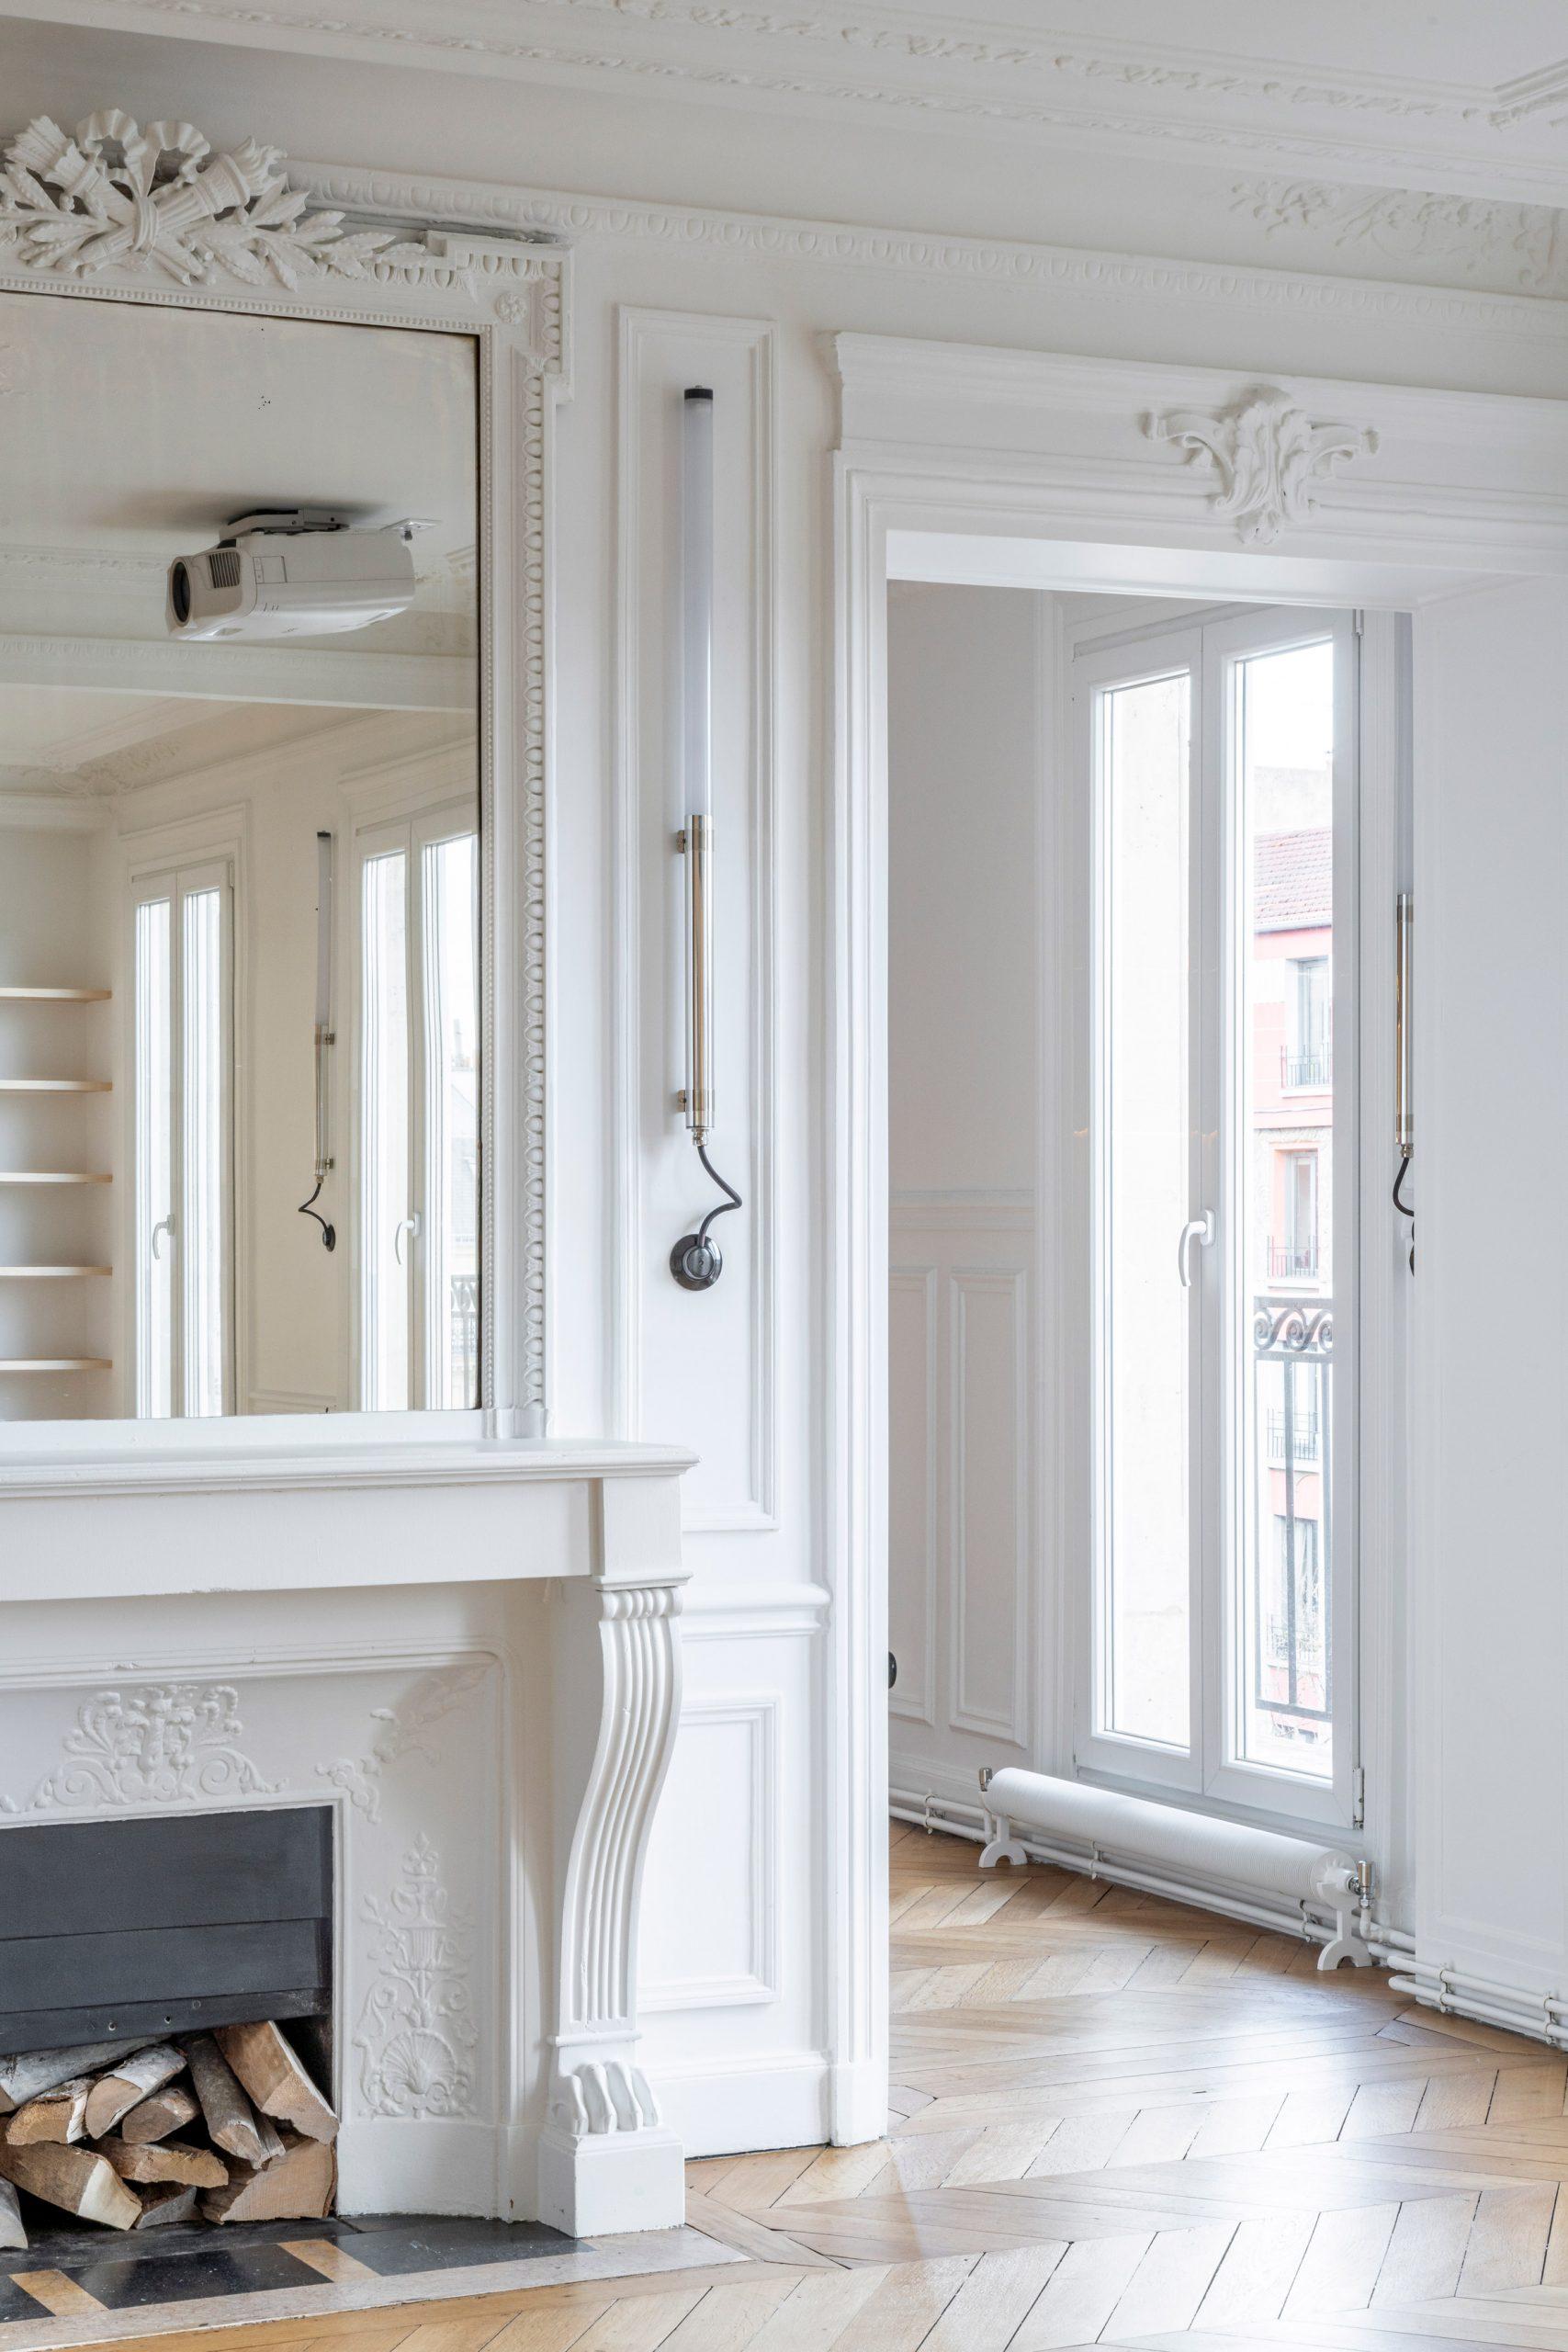 Thiết kế nội thất căn hộ 90m2 16